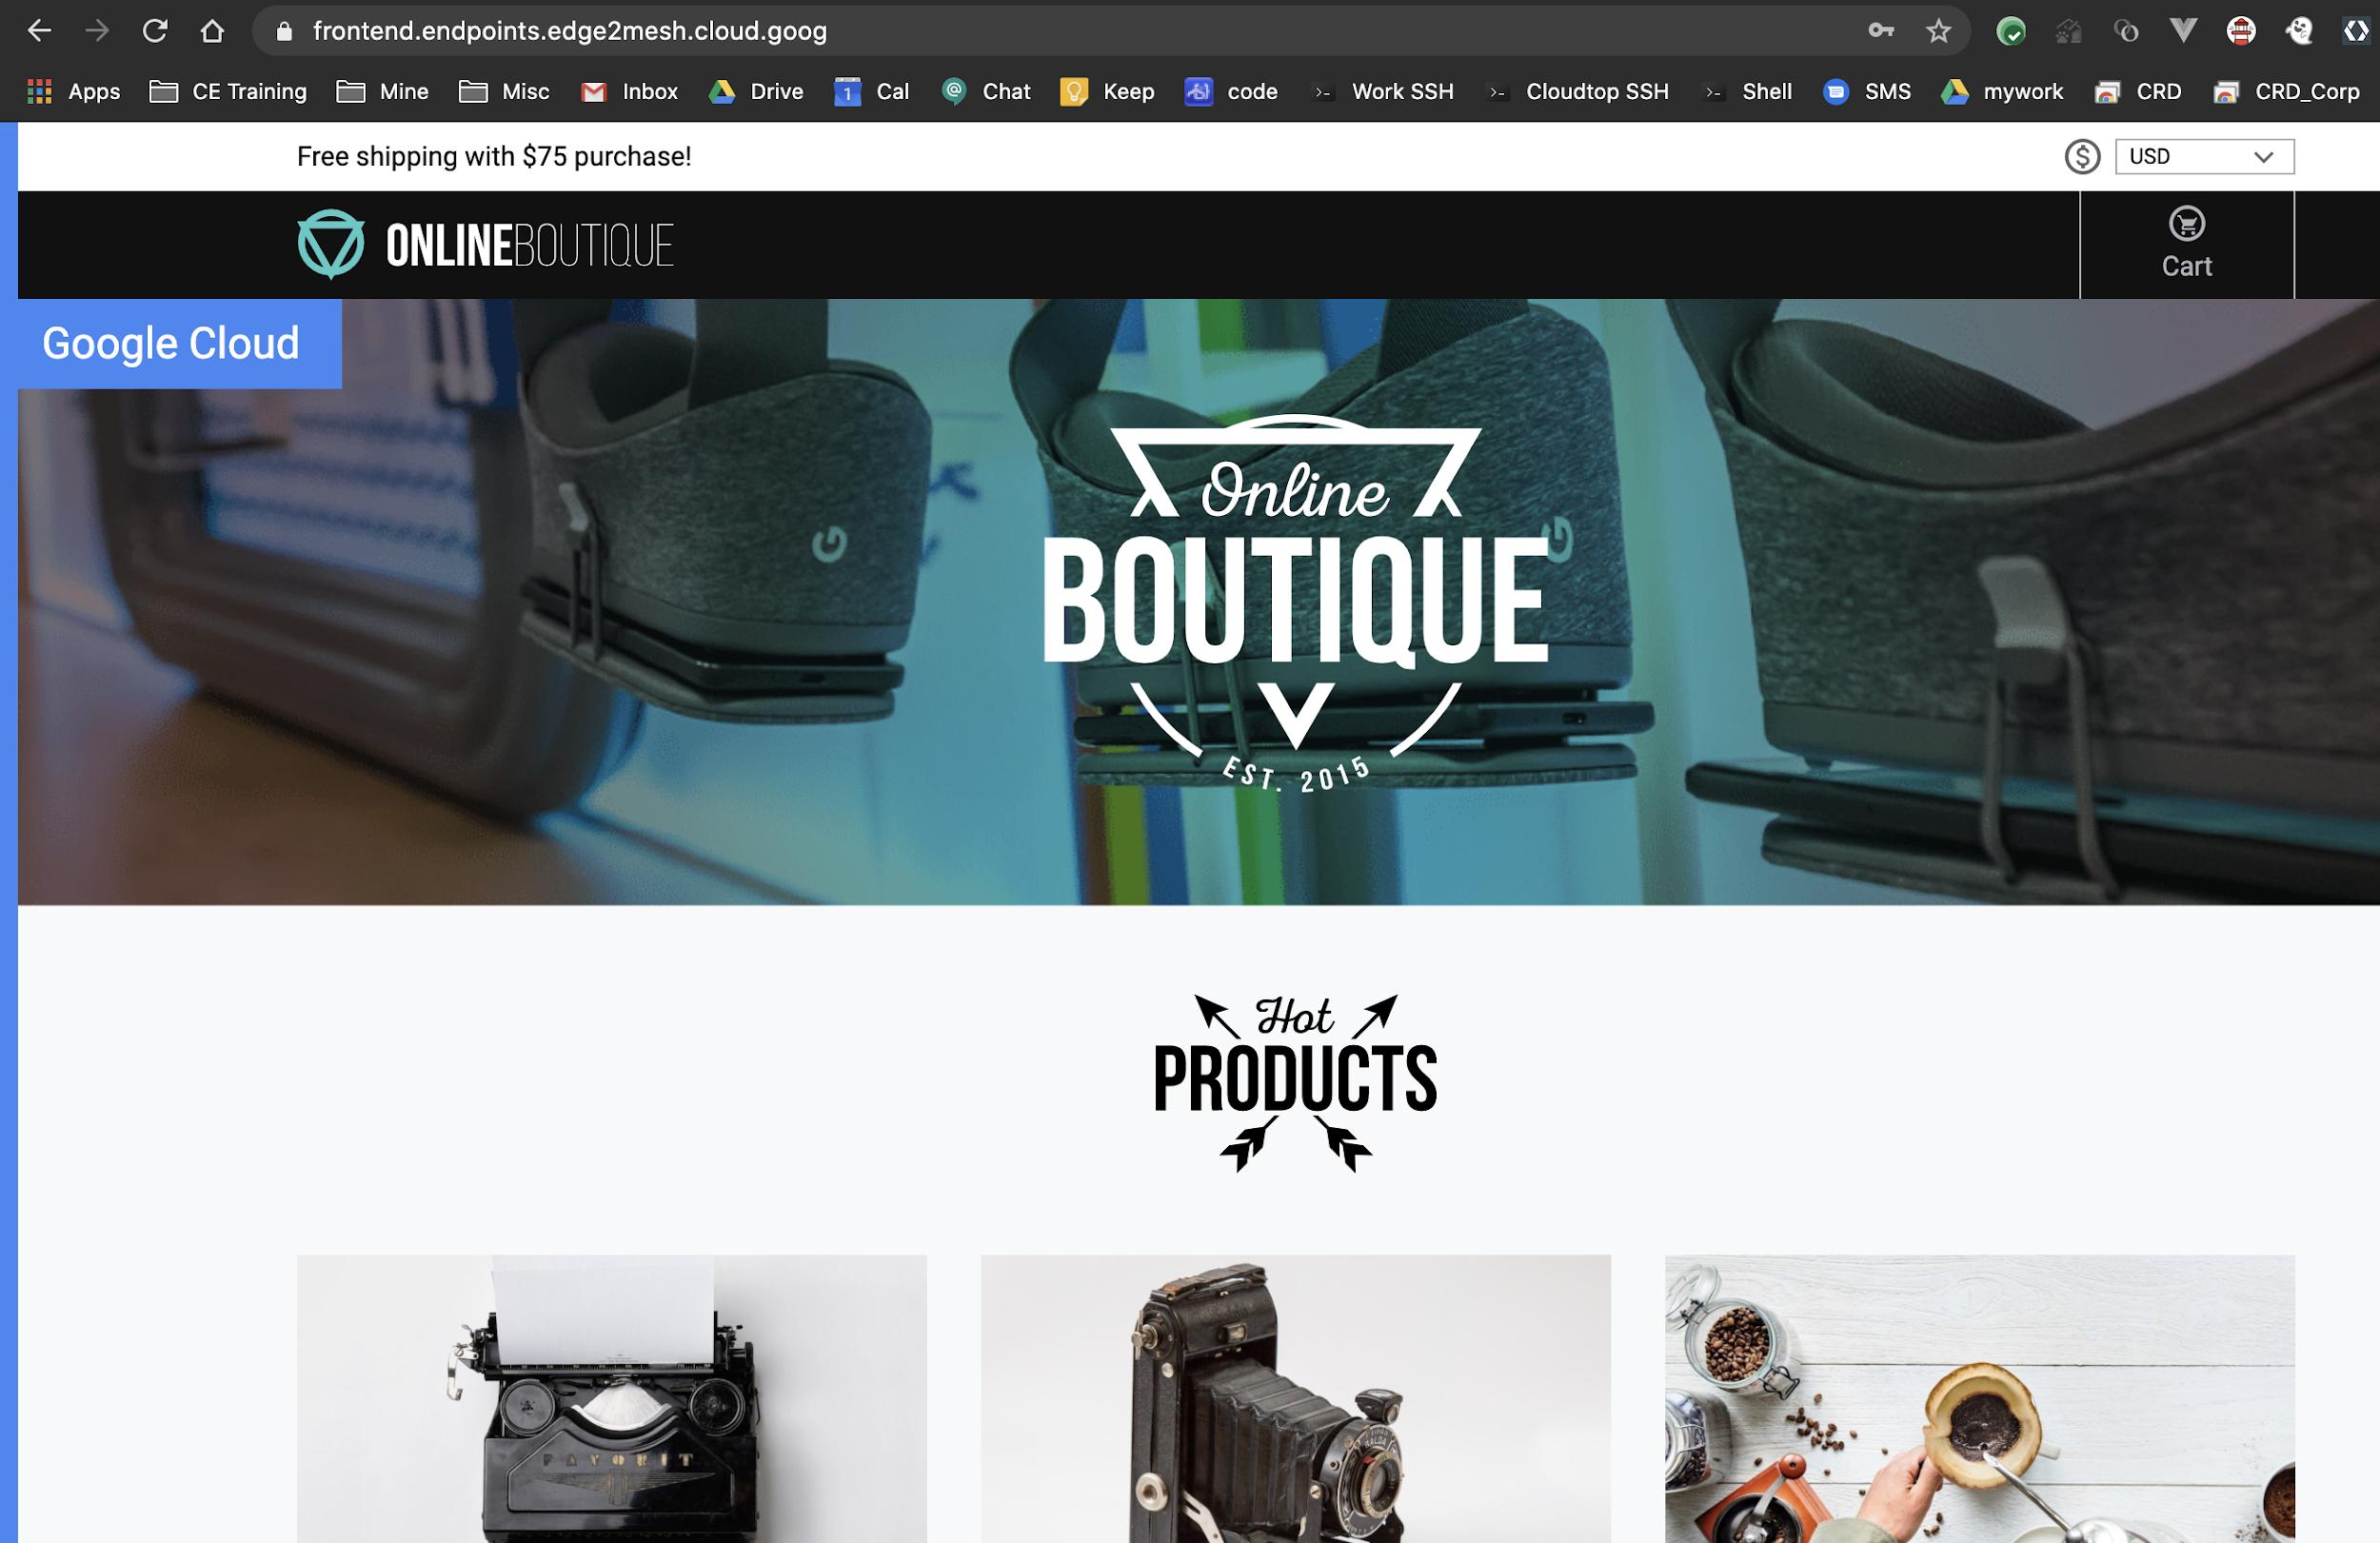 Produtos mostrados na página inicial da Online Boutique.